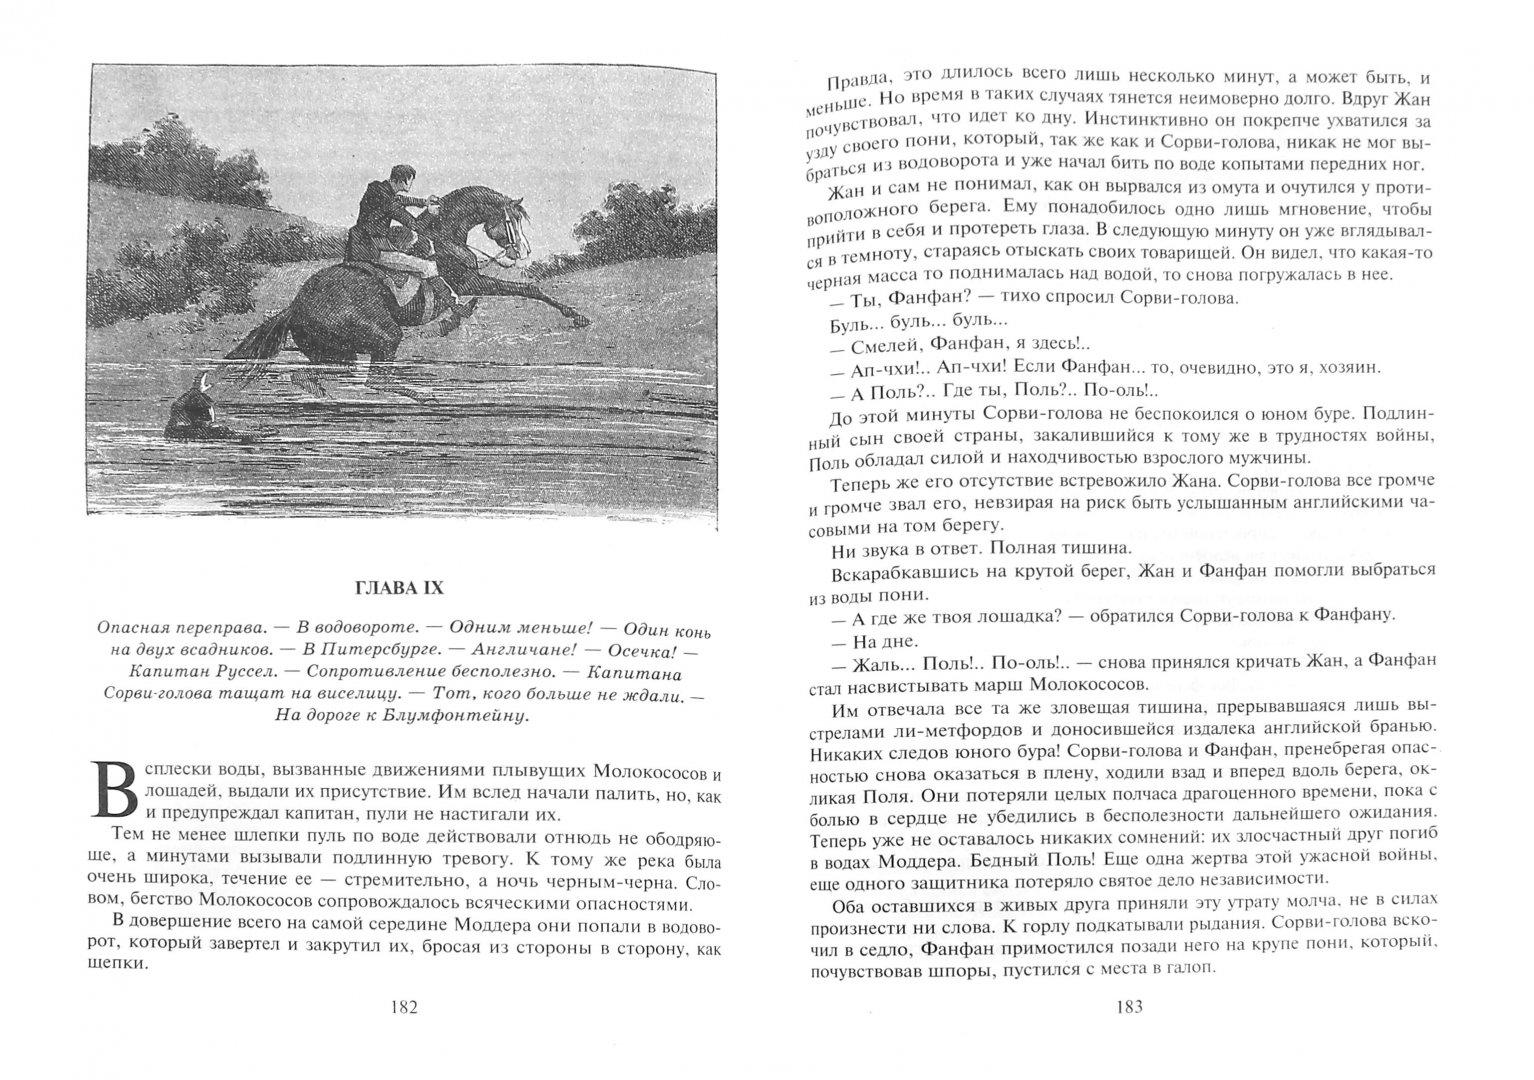 Иллюстрация 1 из 25 для Капитан Сорви-голова - Луи Буссенар | Лабиринт - книги. Источник: Лабиринт